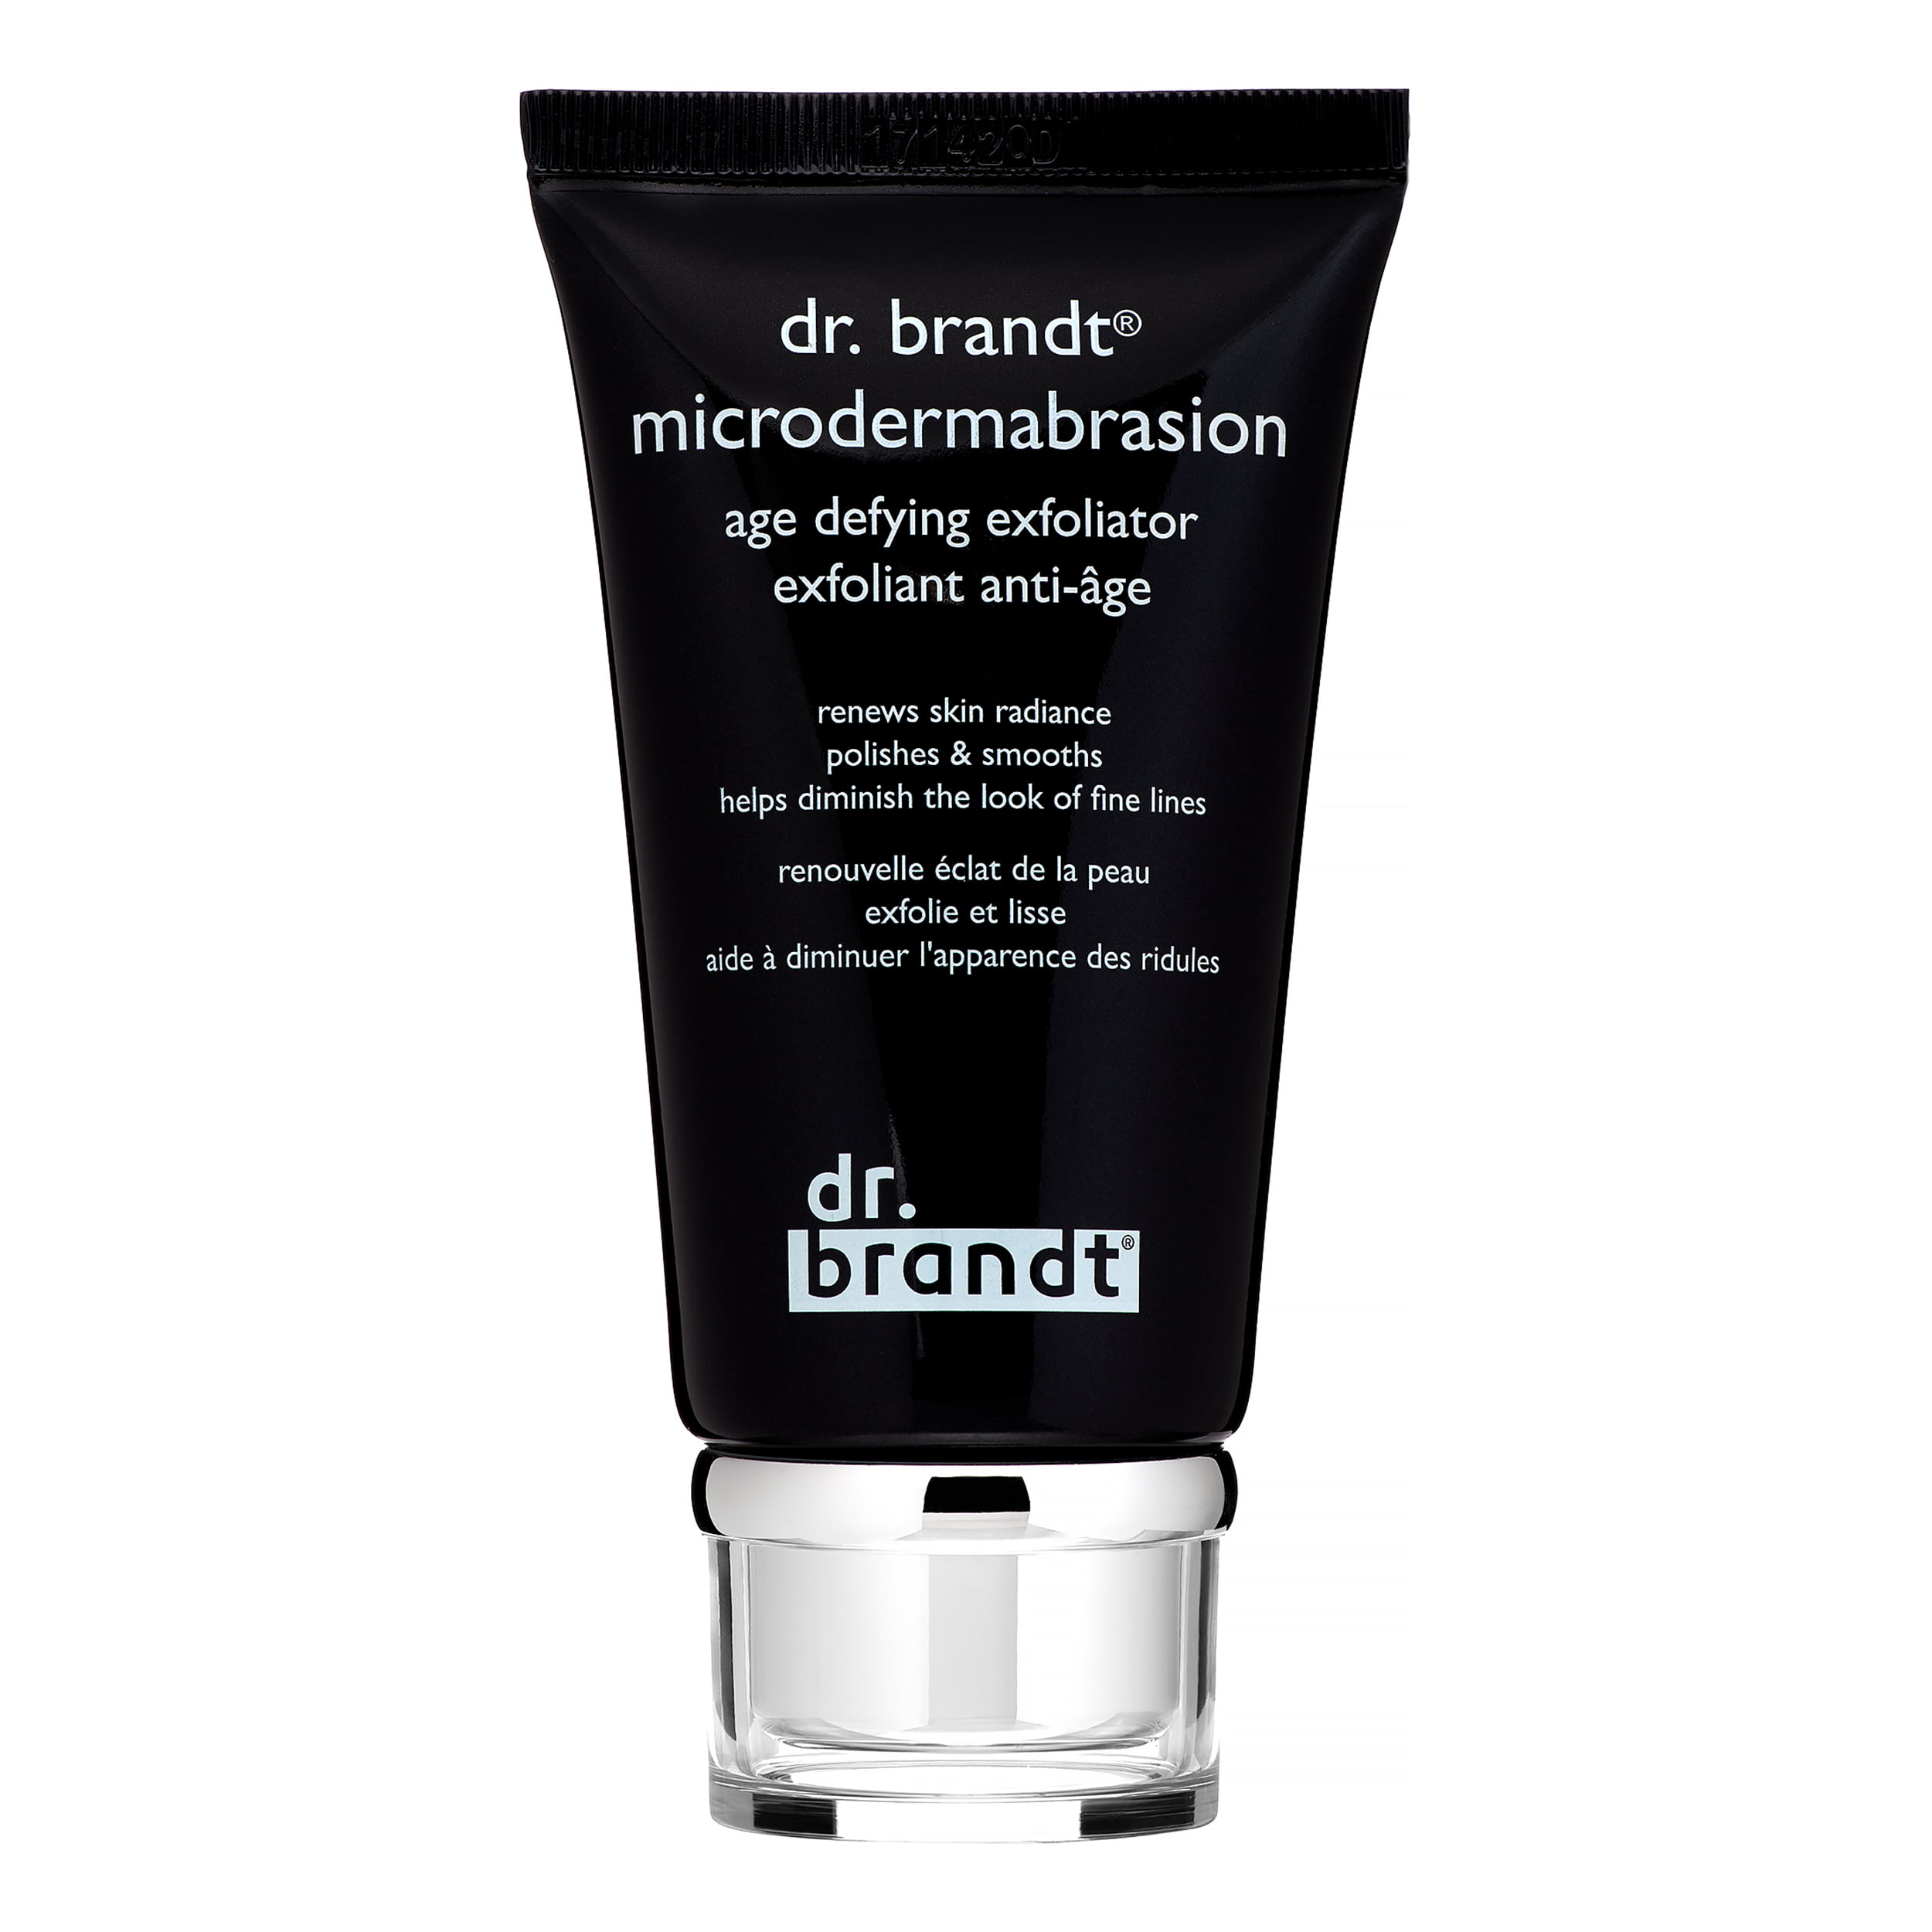 Dr. Brandt - ($79 Value) Dr. Brandt Microdermabrasion Age Defying Skin  Exfoliant, 2 Oz - Walmart.com - Walmart.com